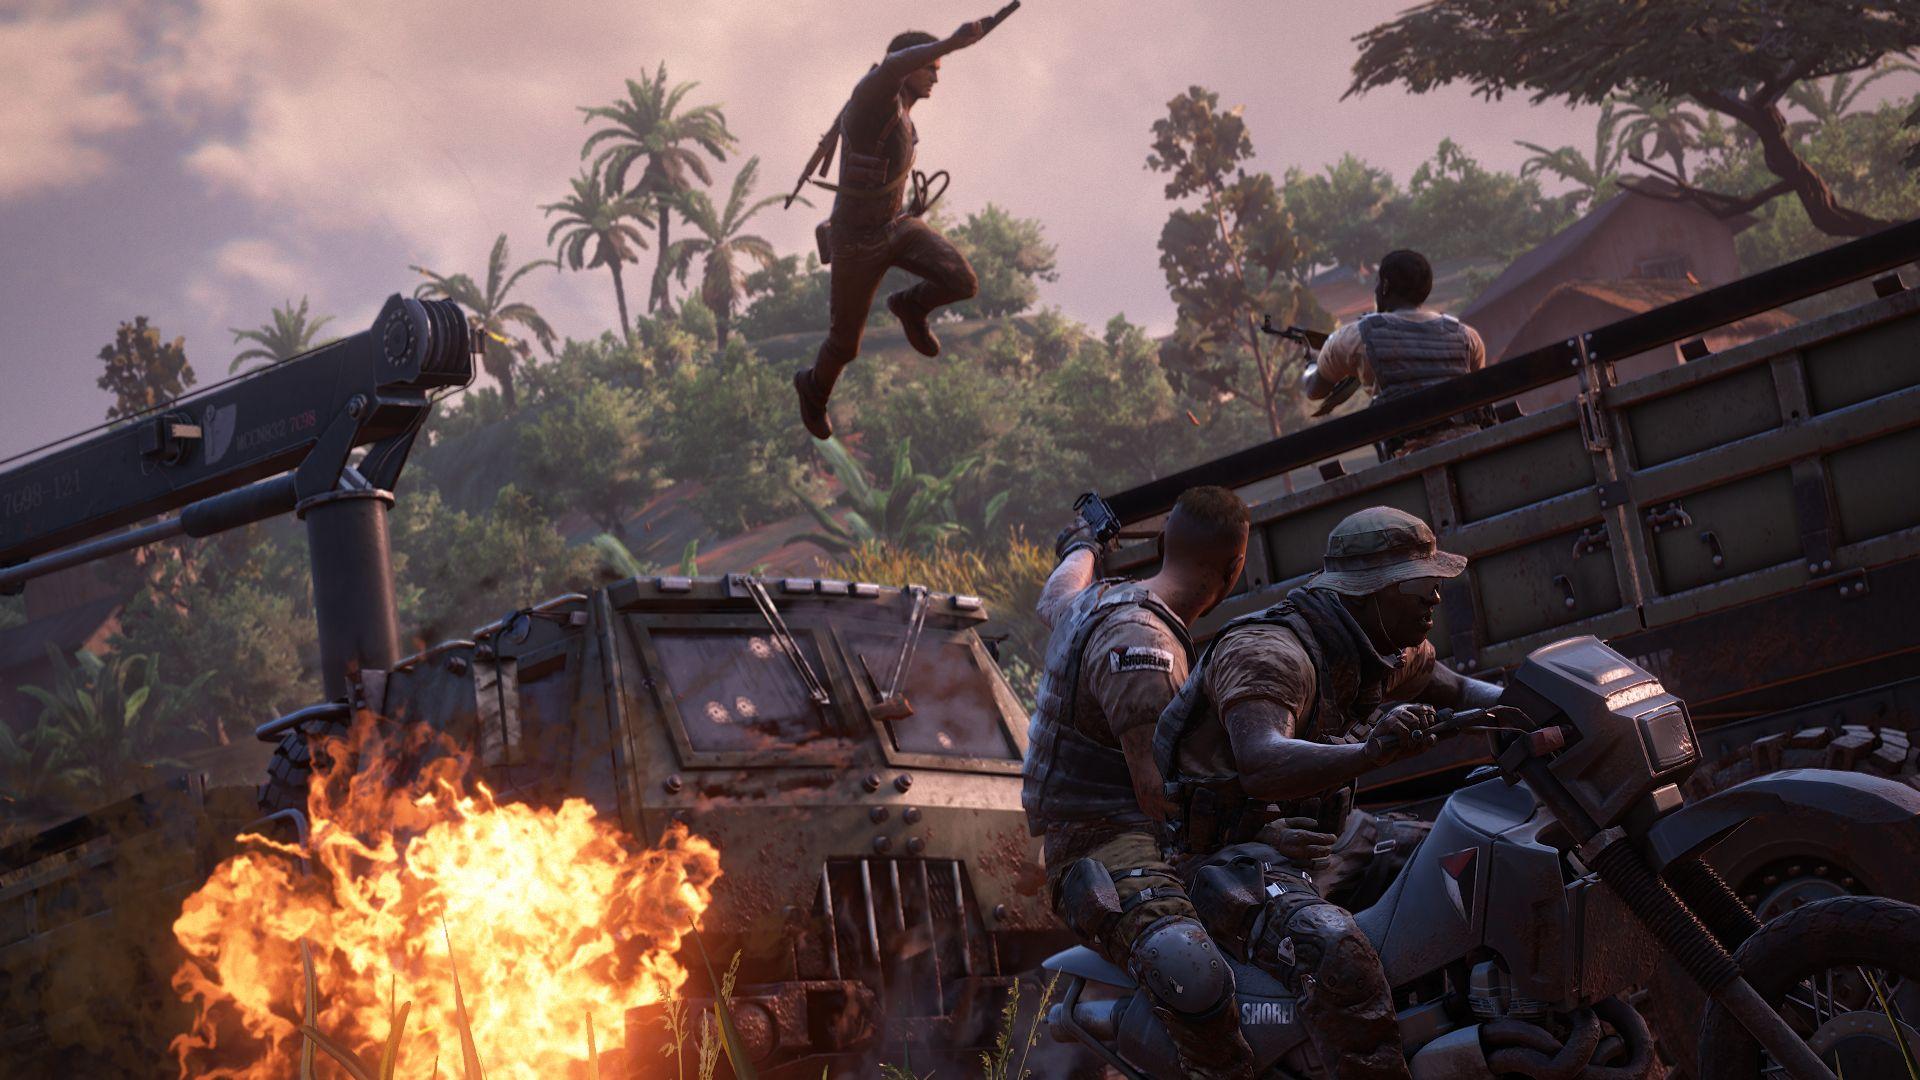 نمایش کامل Uncharted 4 در E3 2015